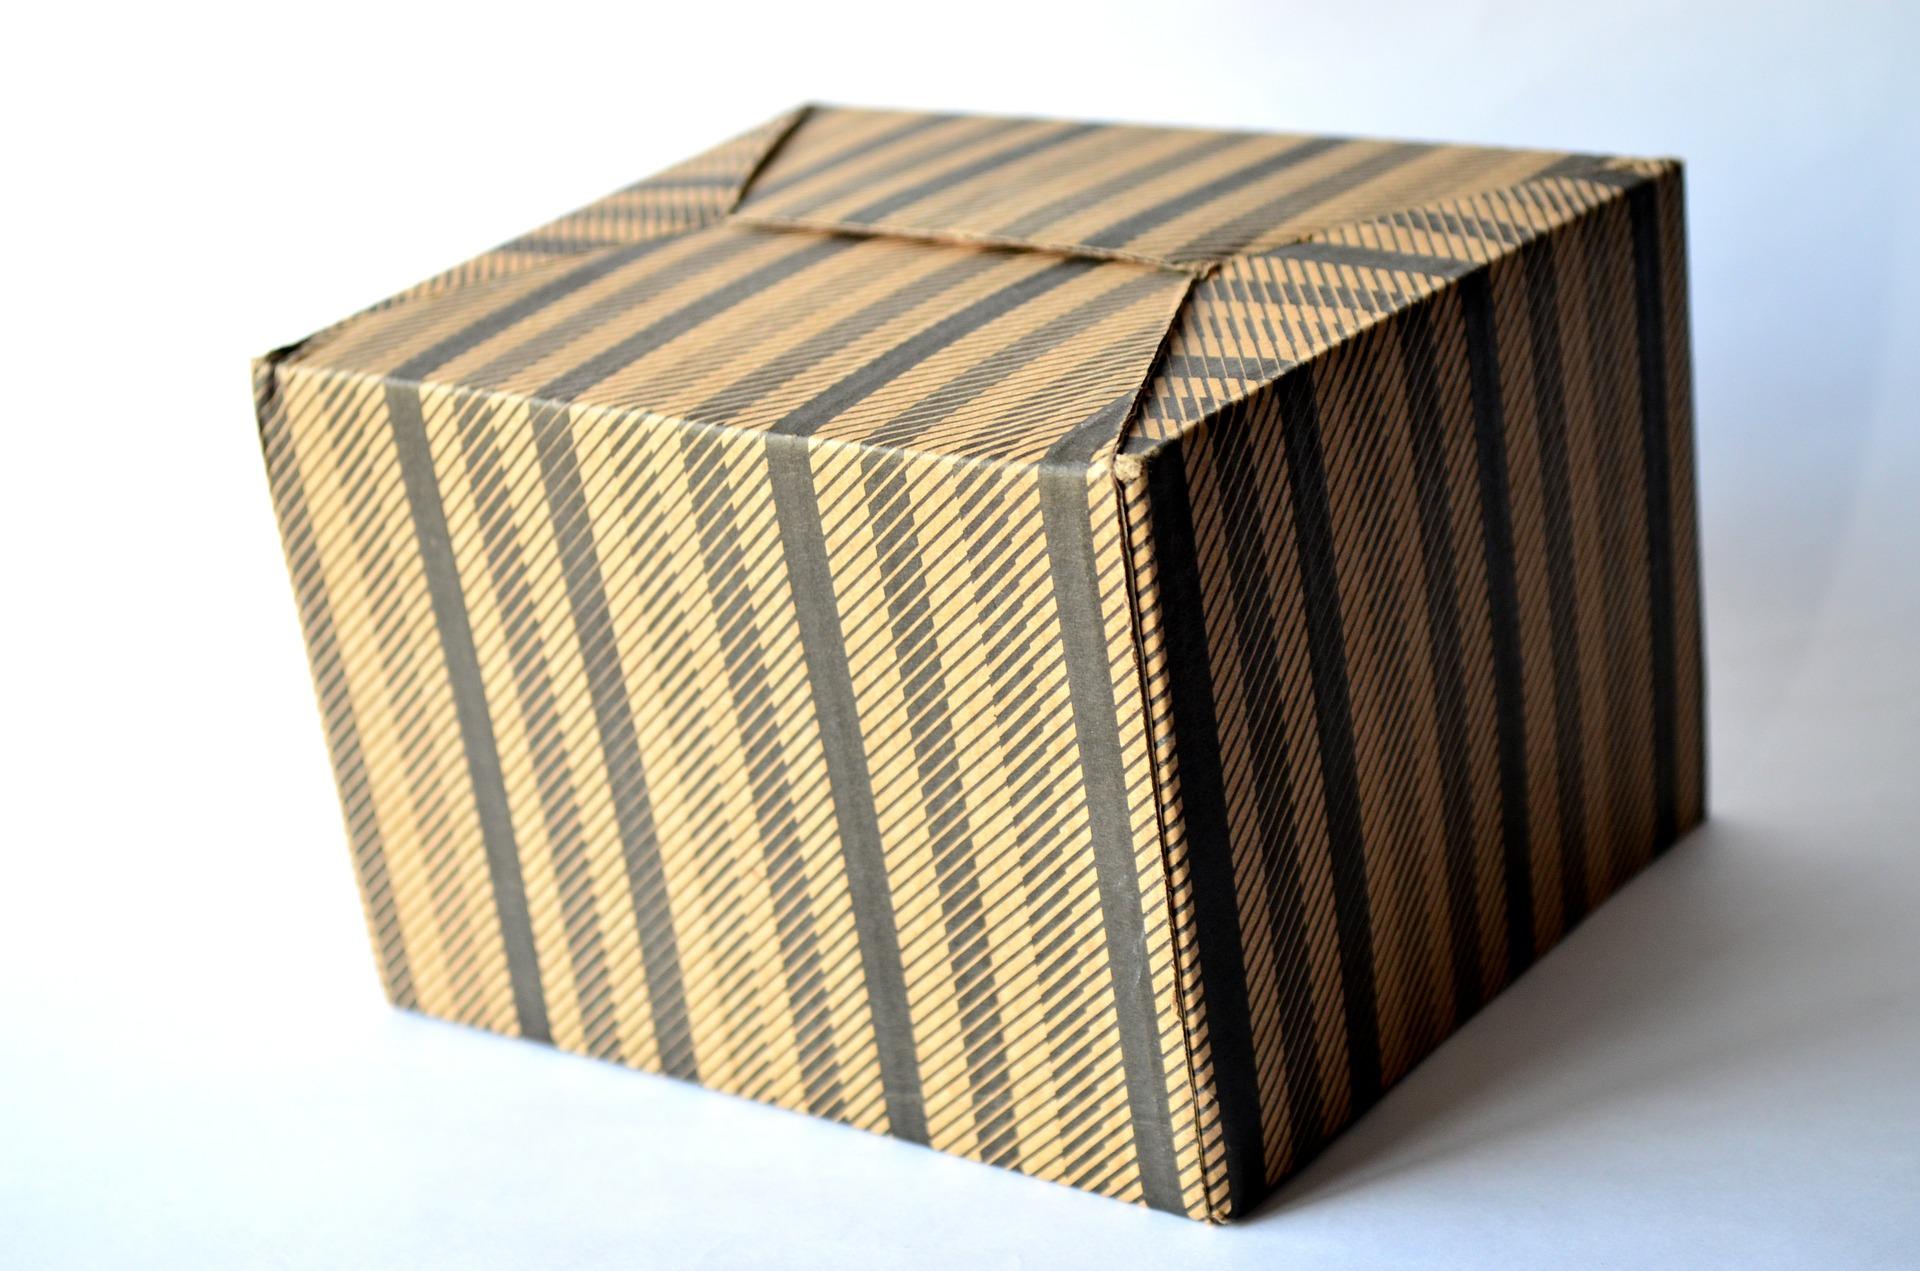 The Mystery Box Bhp Teacher Blog